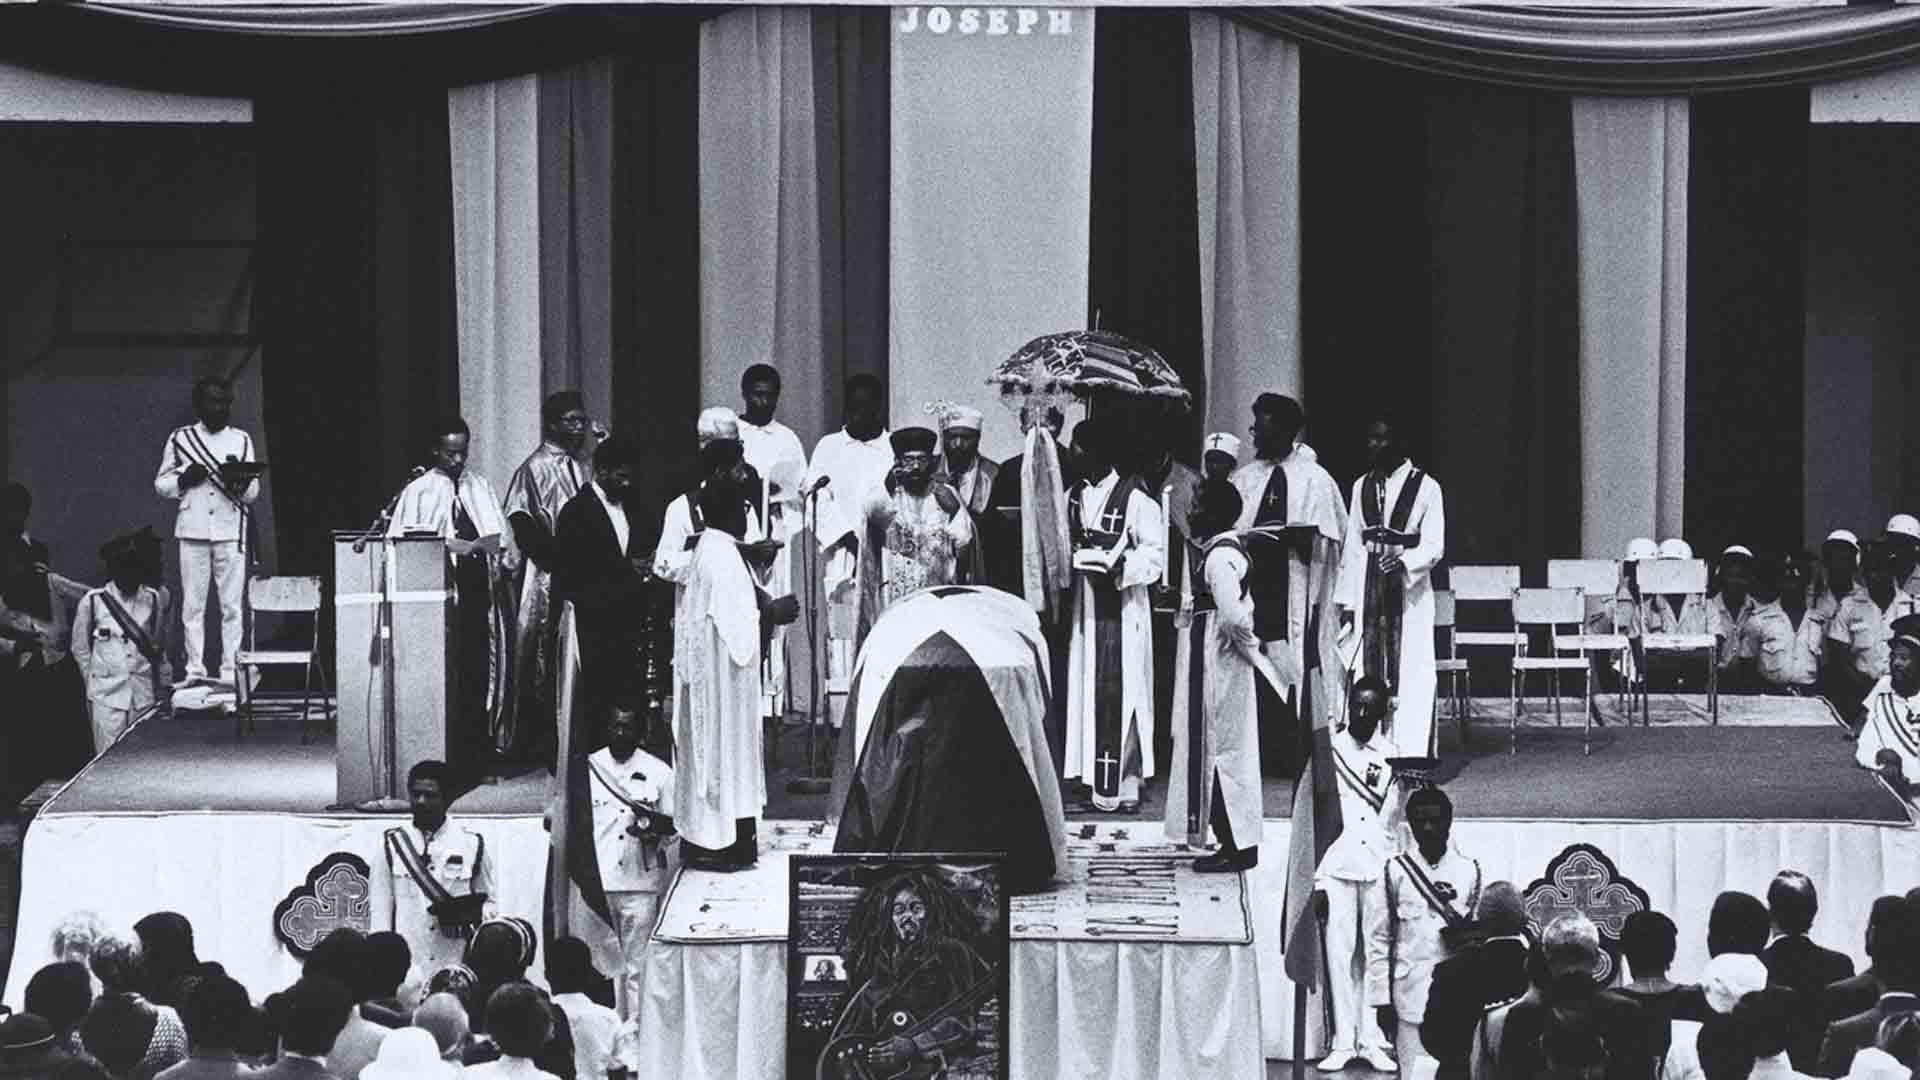 Il funerale di Bob Marley